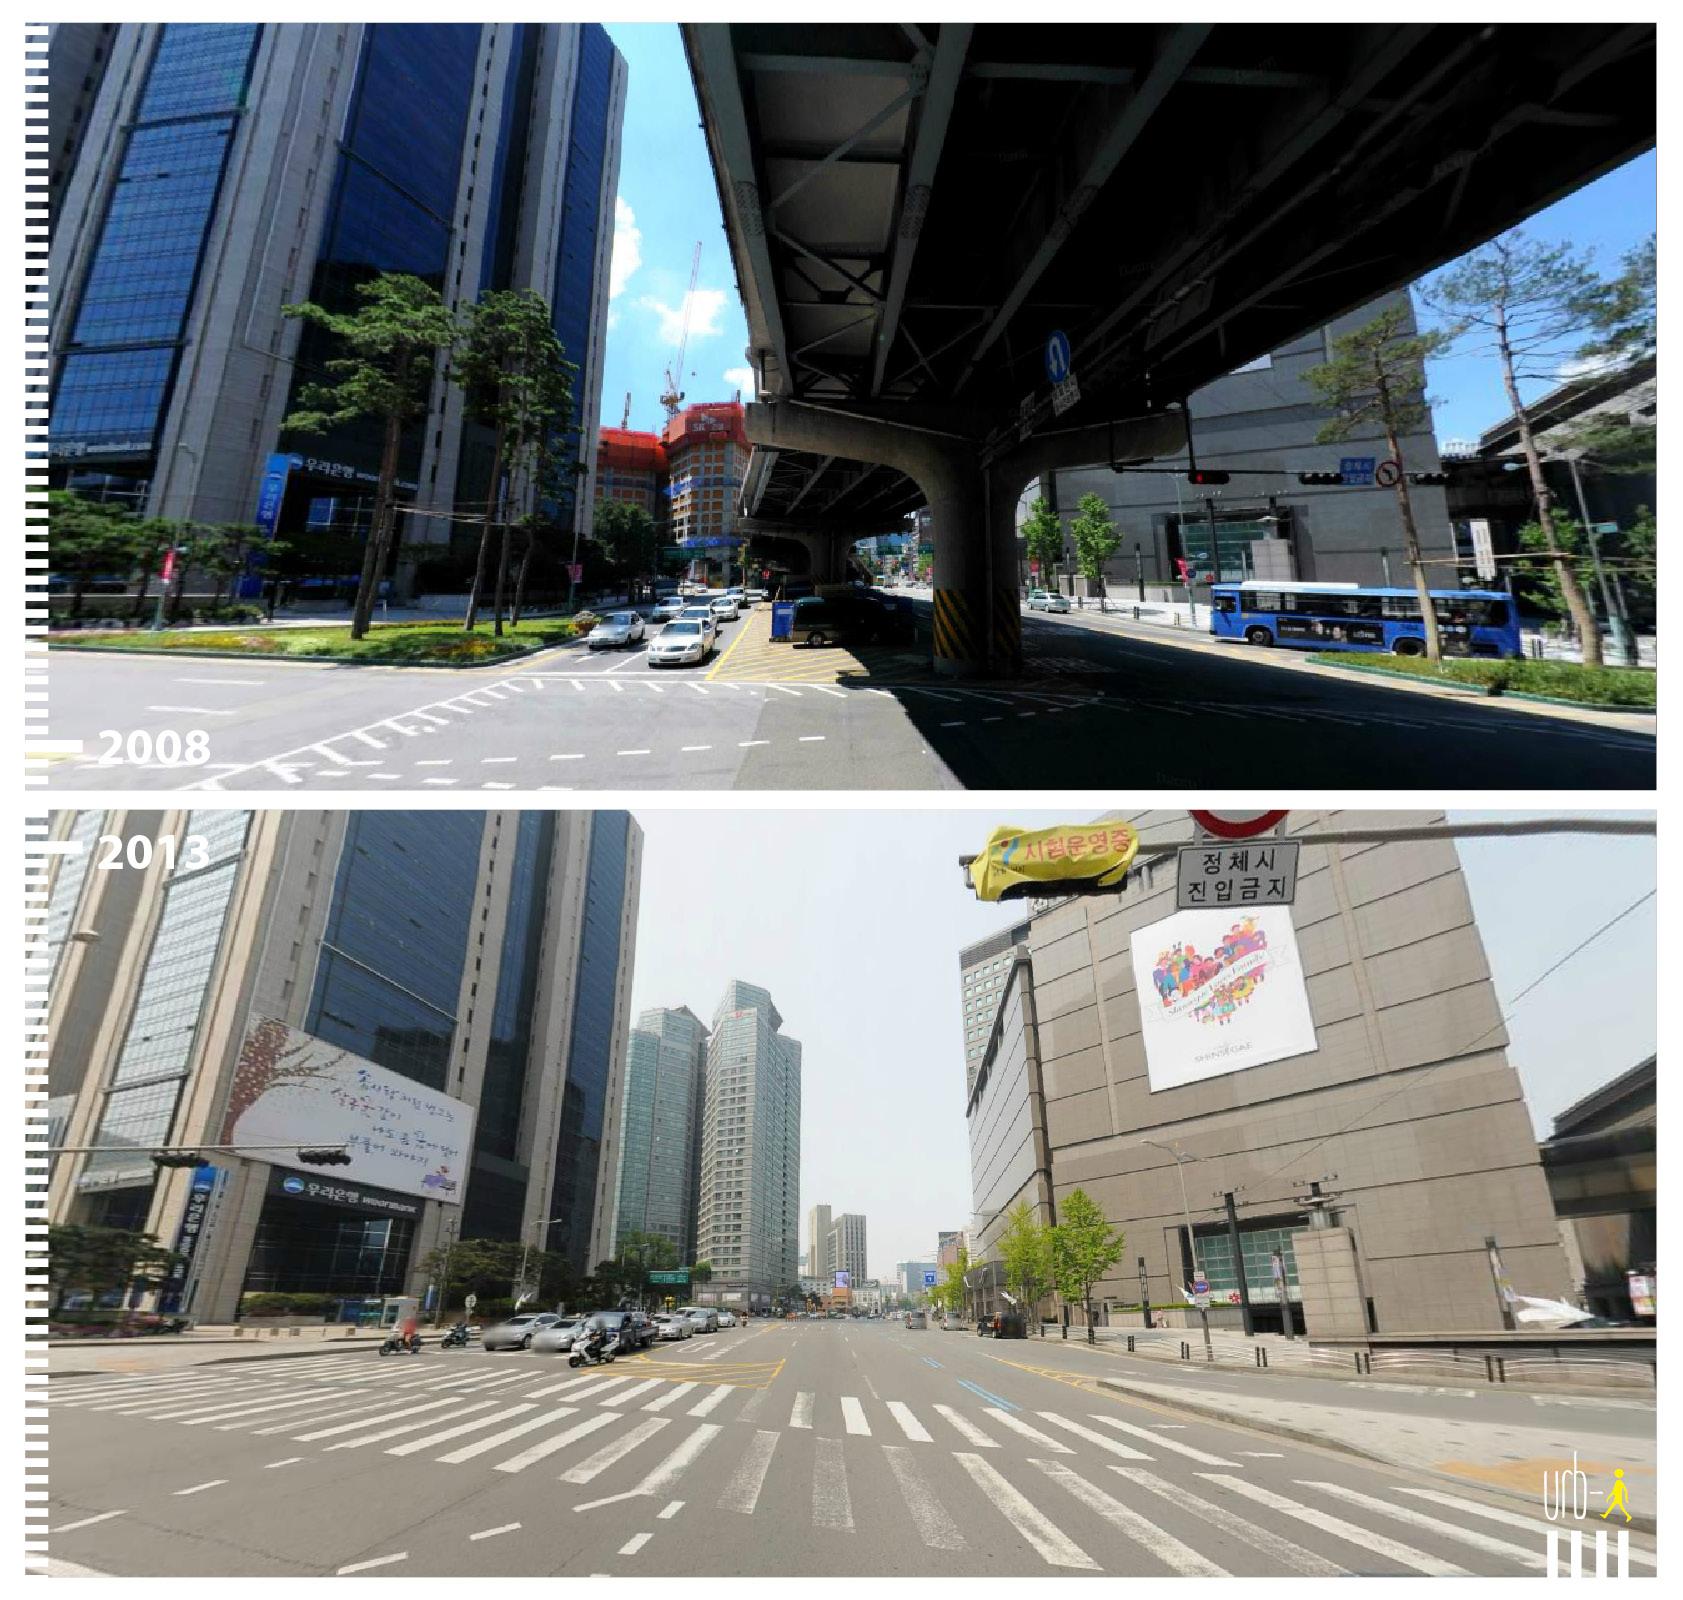 0243 KR Seoul Toegye-ro